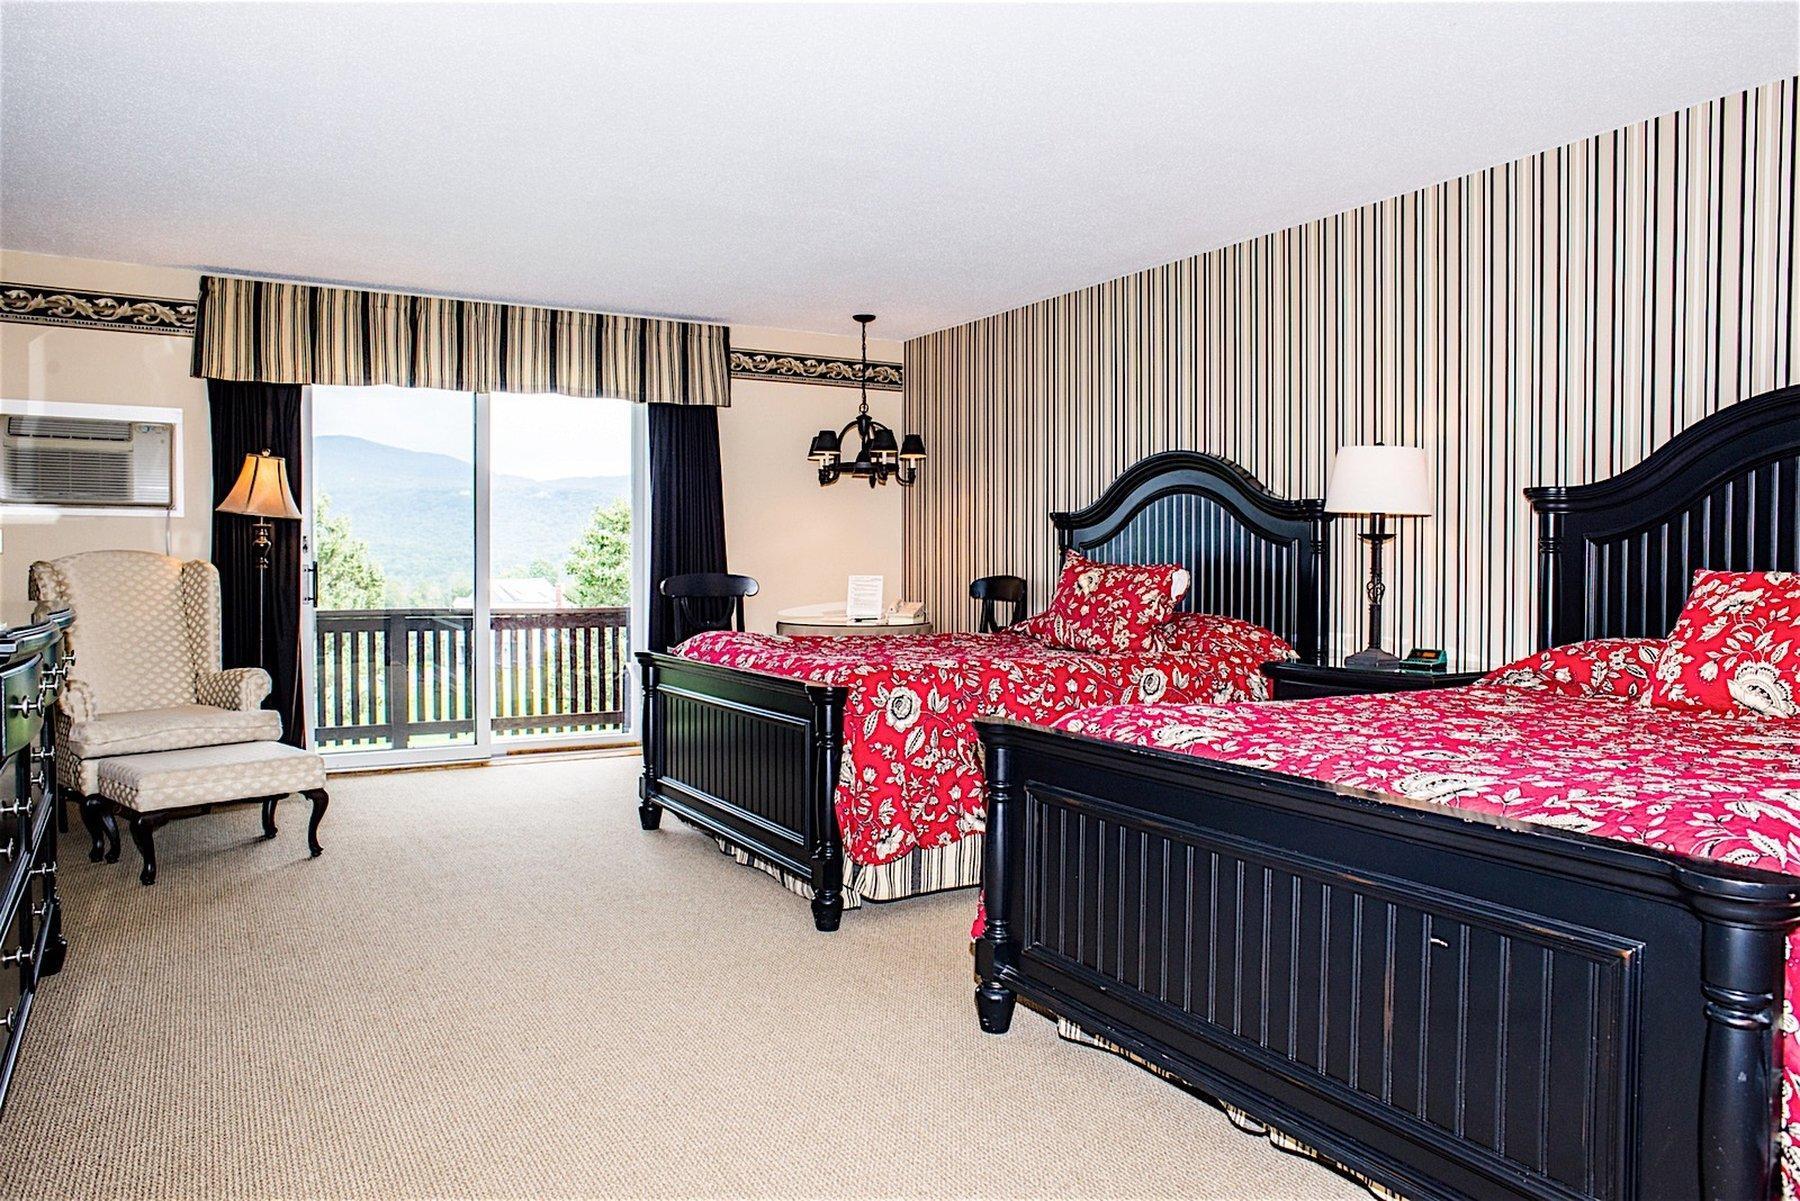 queen deluxe room